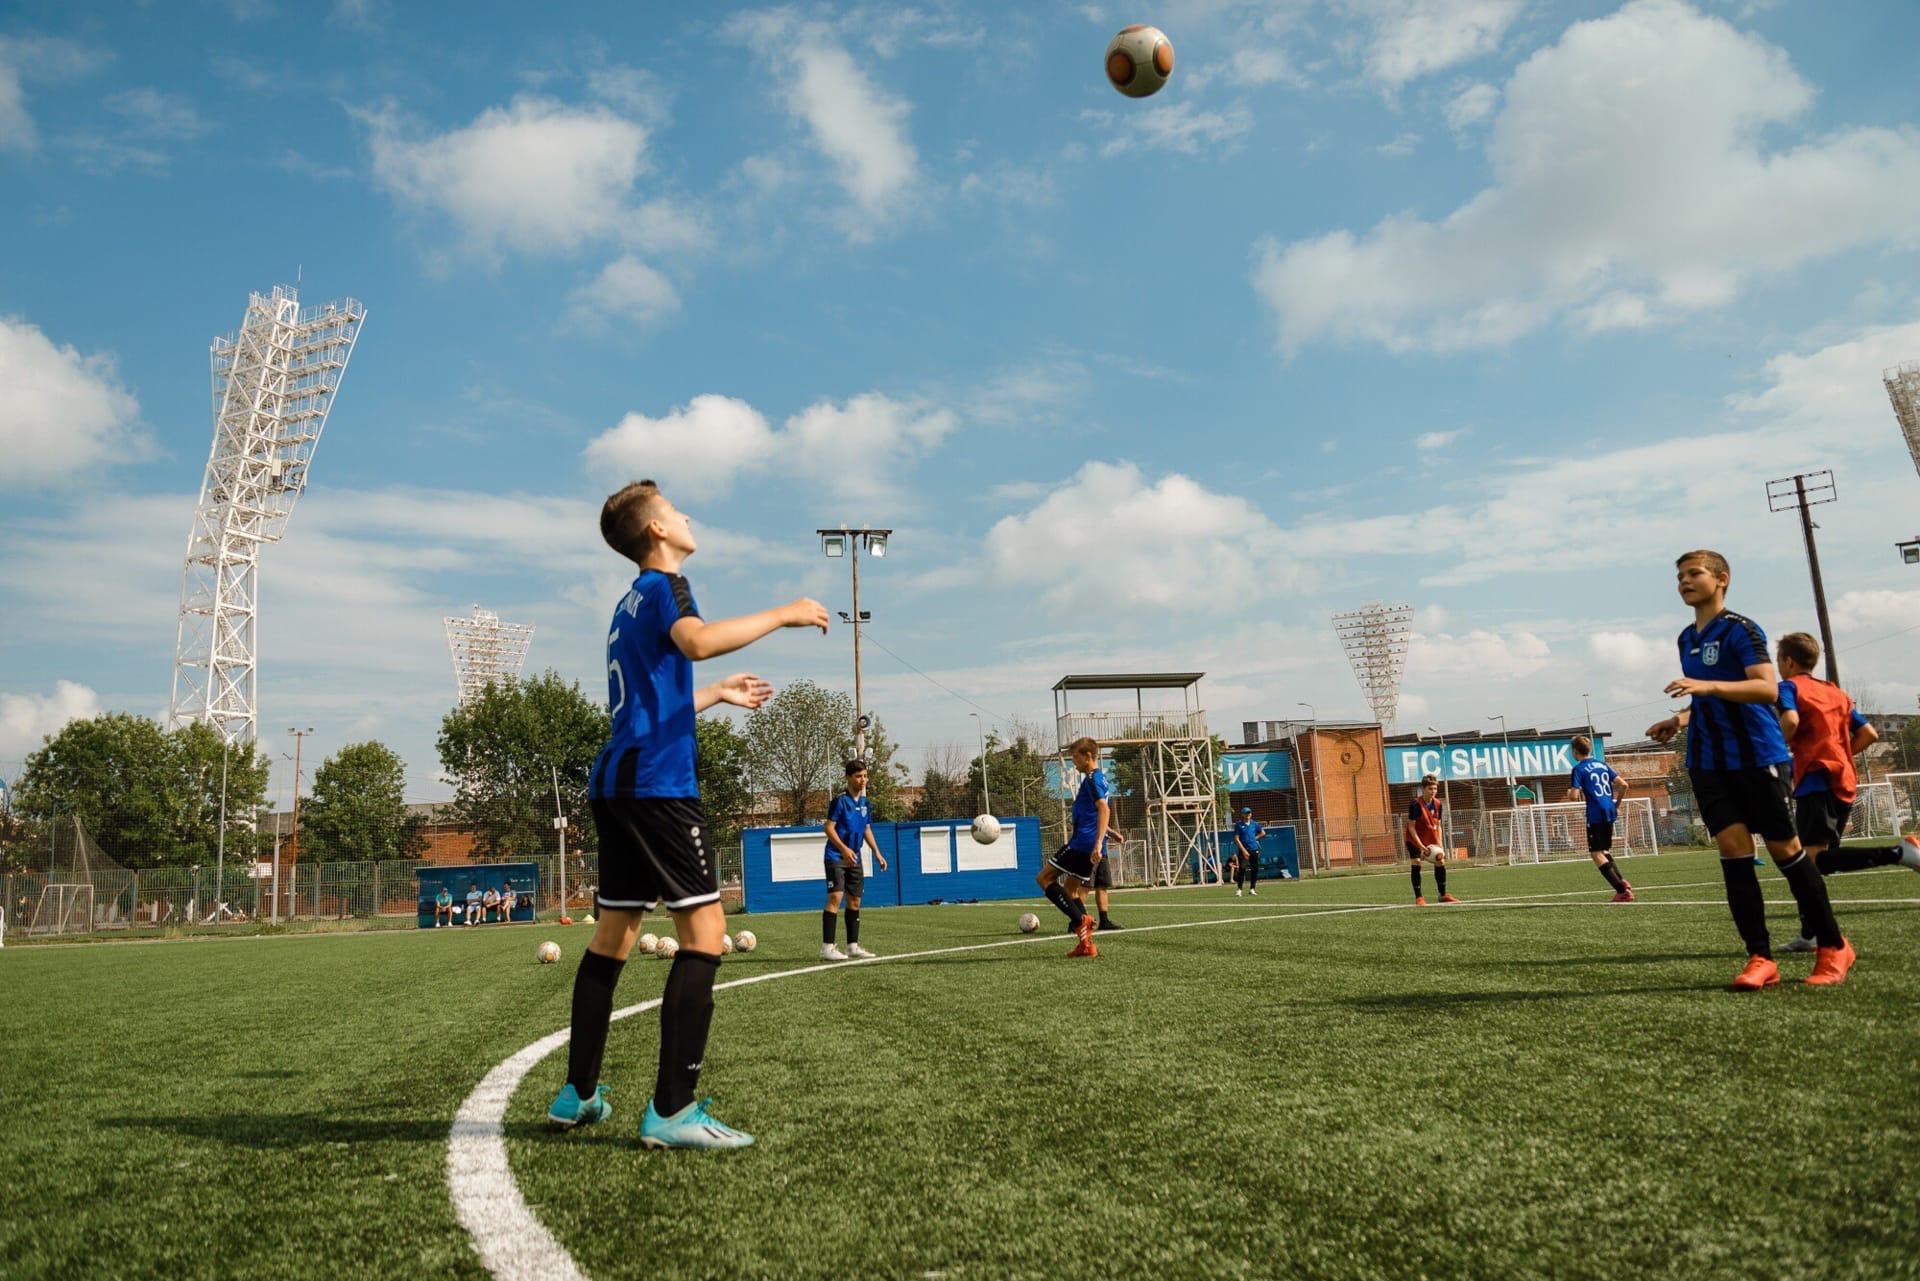 Дмитрий Миронов: центру подготовки юных футболистов «Шинника» присвоен статус регионального центра РФС